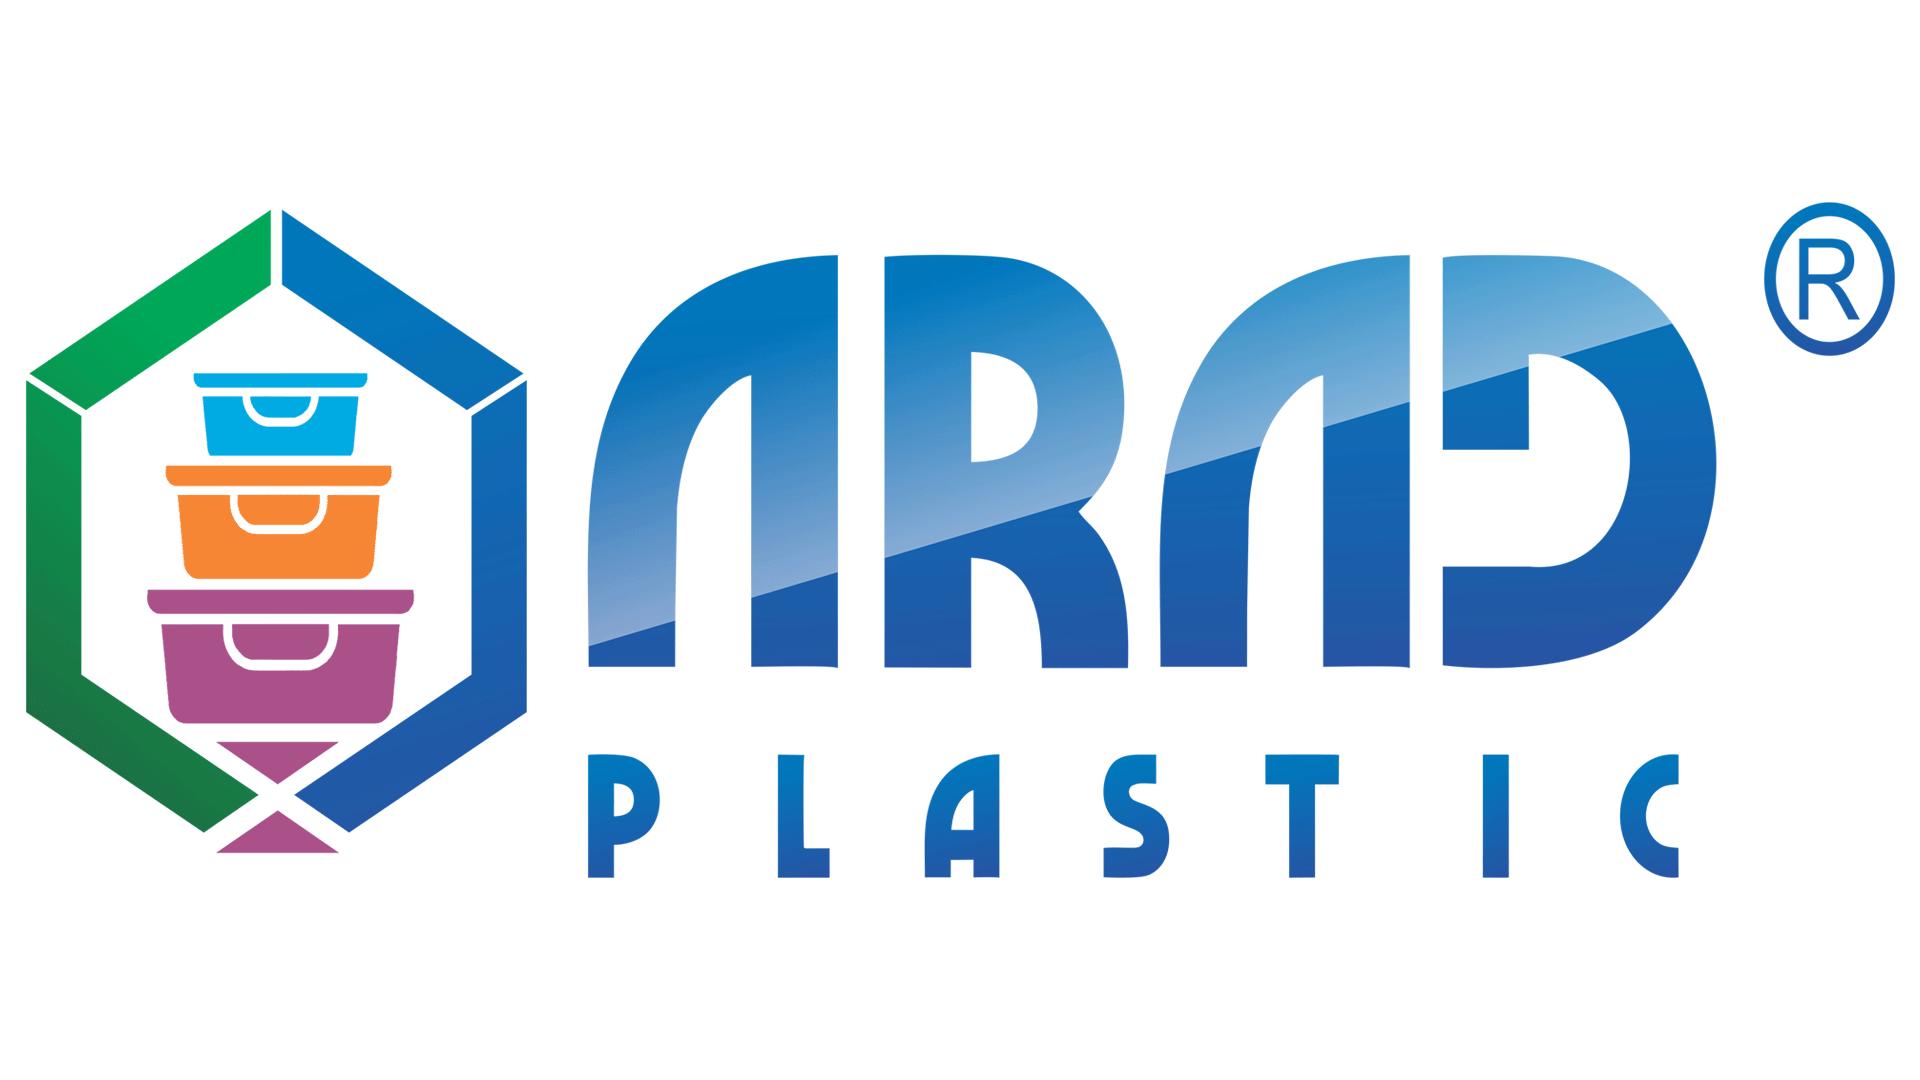 خرید و فروش، قیمت محصولات پلاستیکی |بازار  پلاستیک ایران